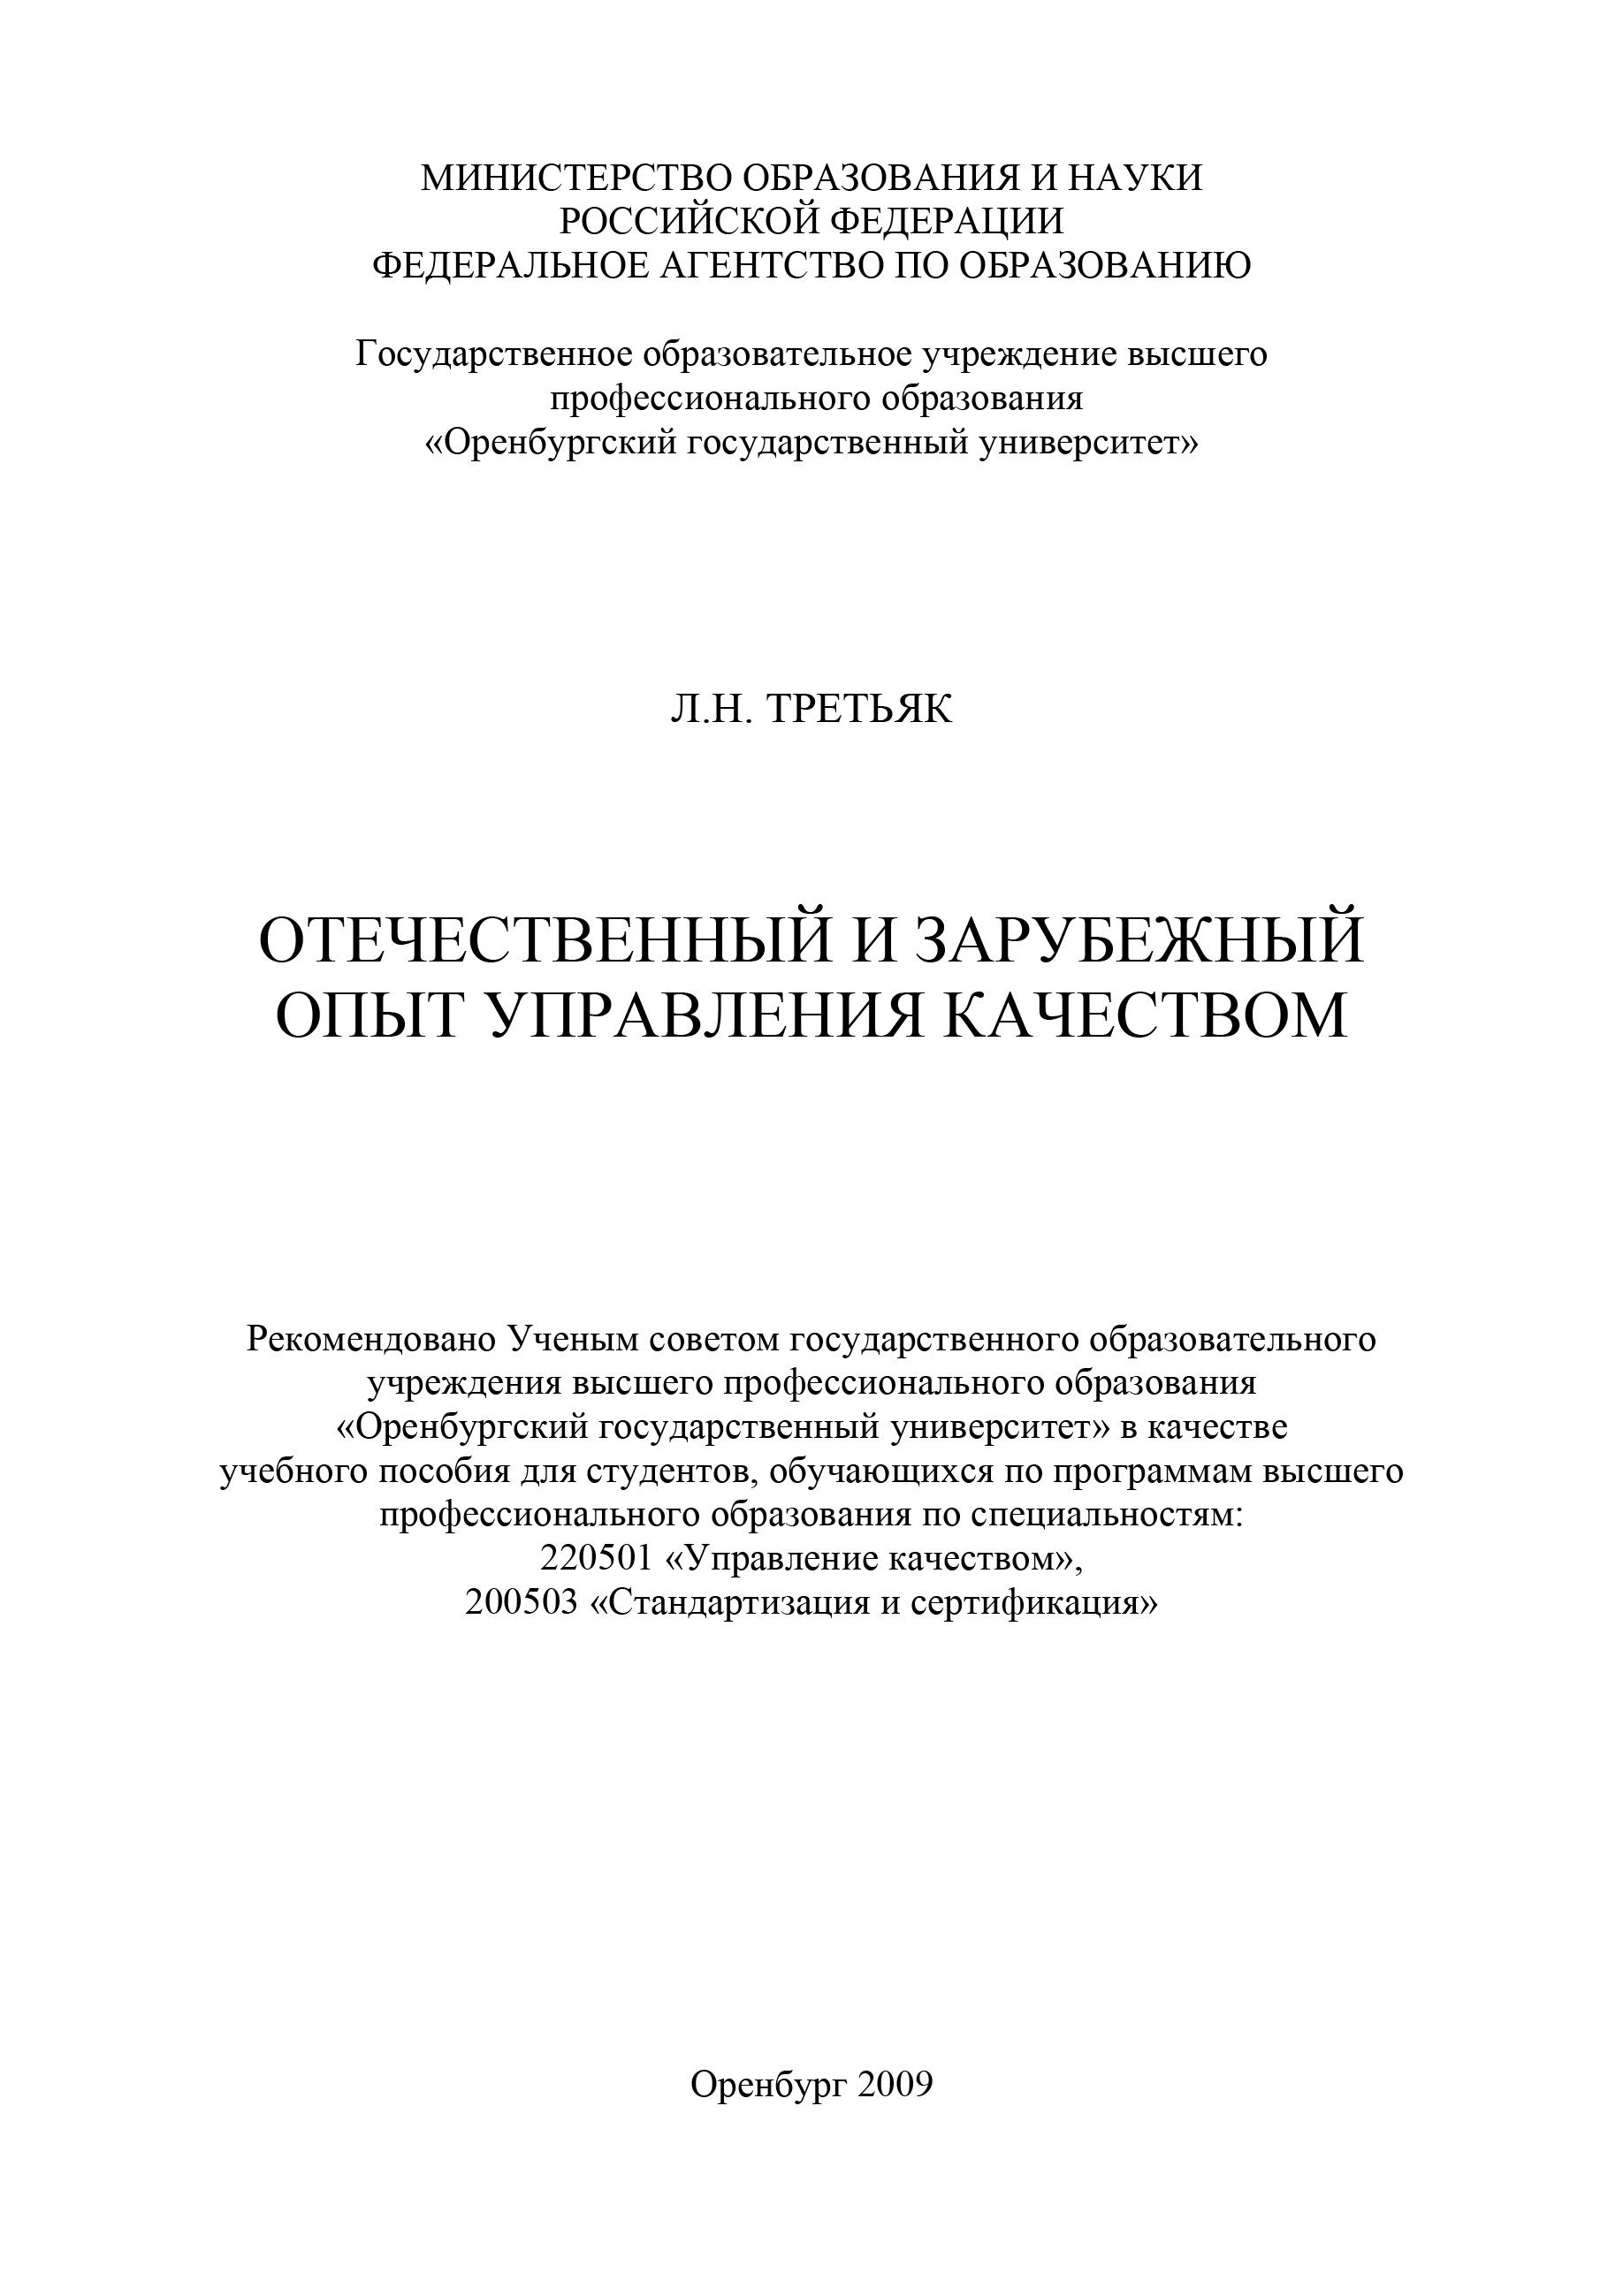 Л. Н. Третьяк Отечественный и зарубежный опыт управления качеством